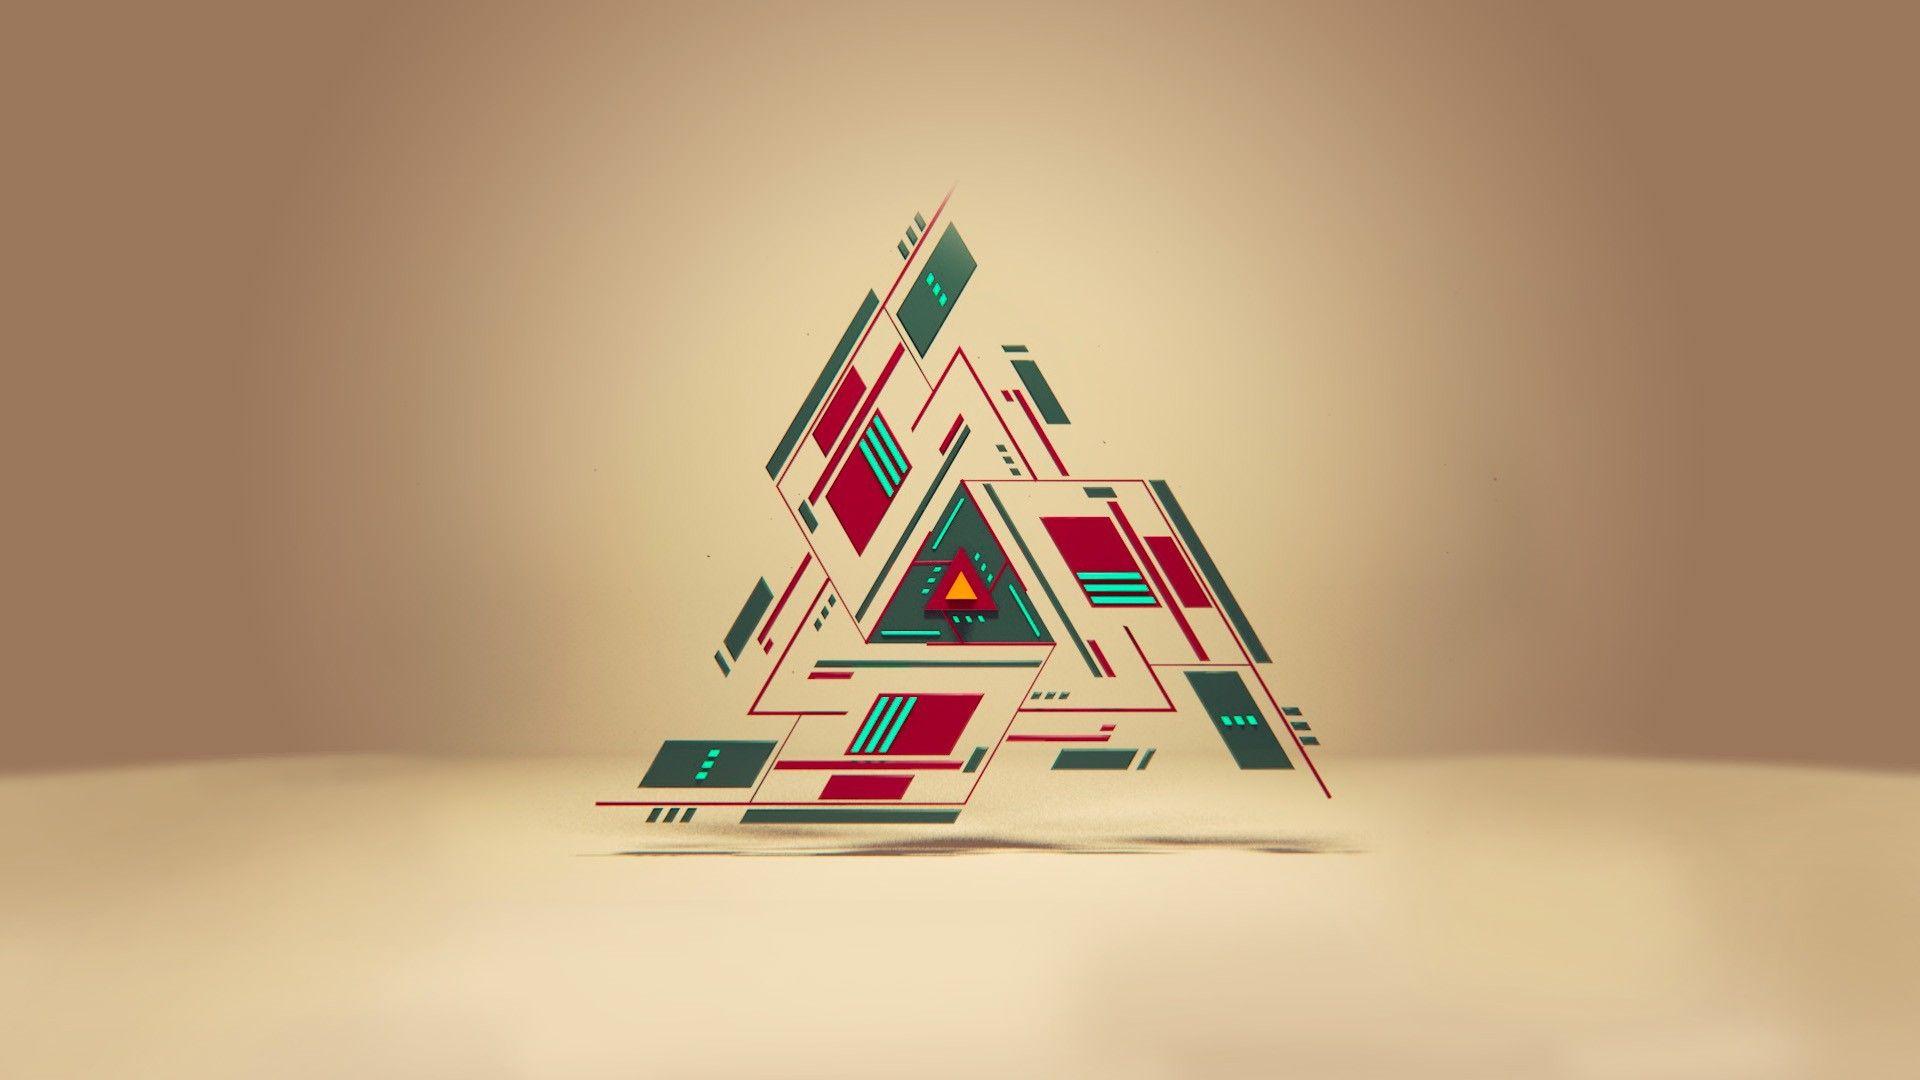 Graphic Design pics